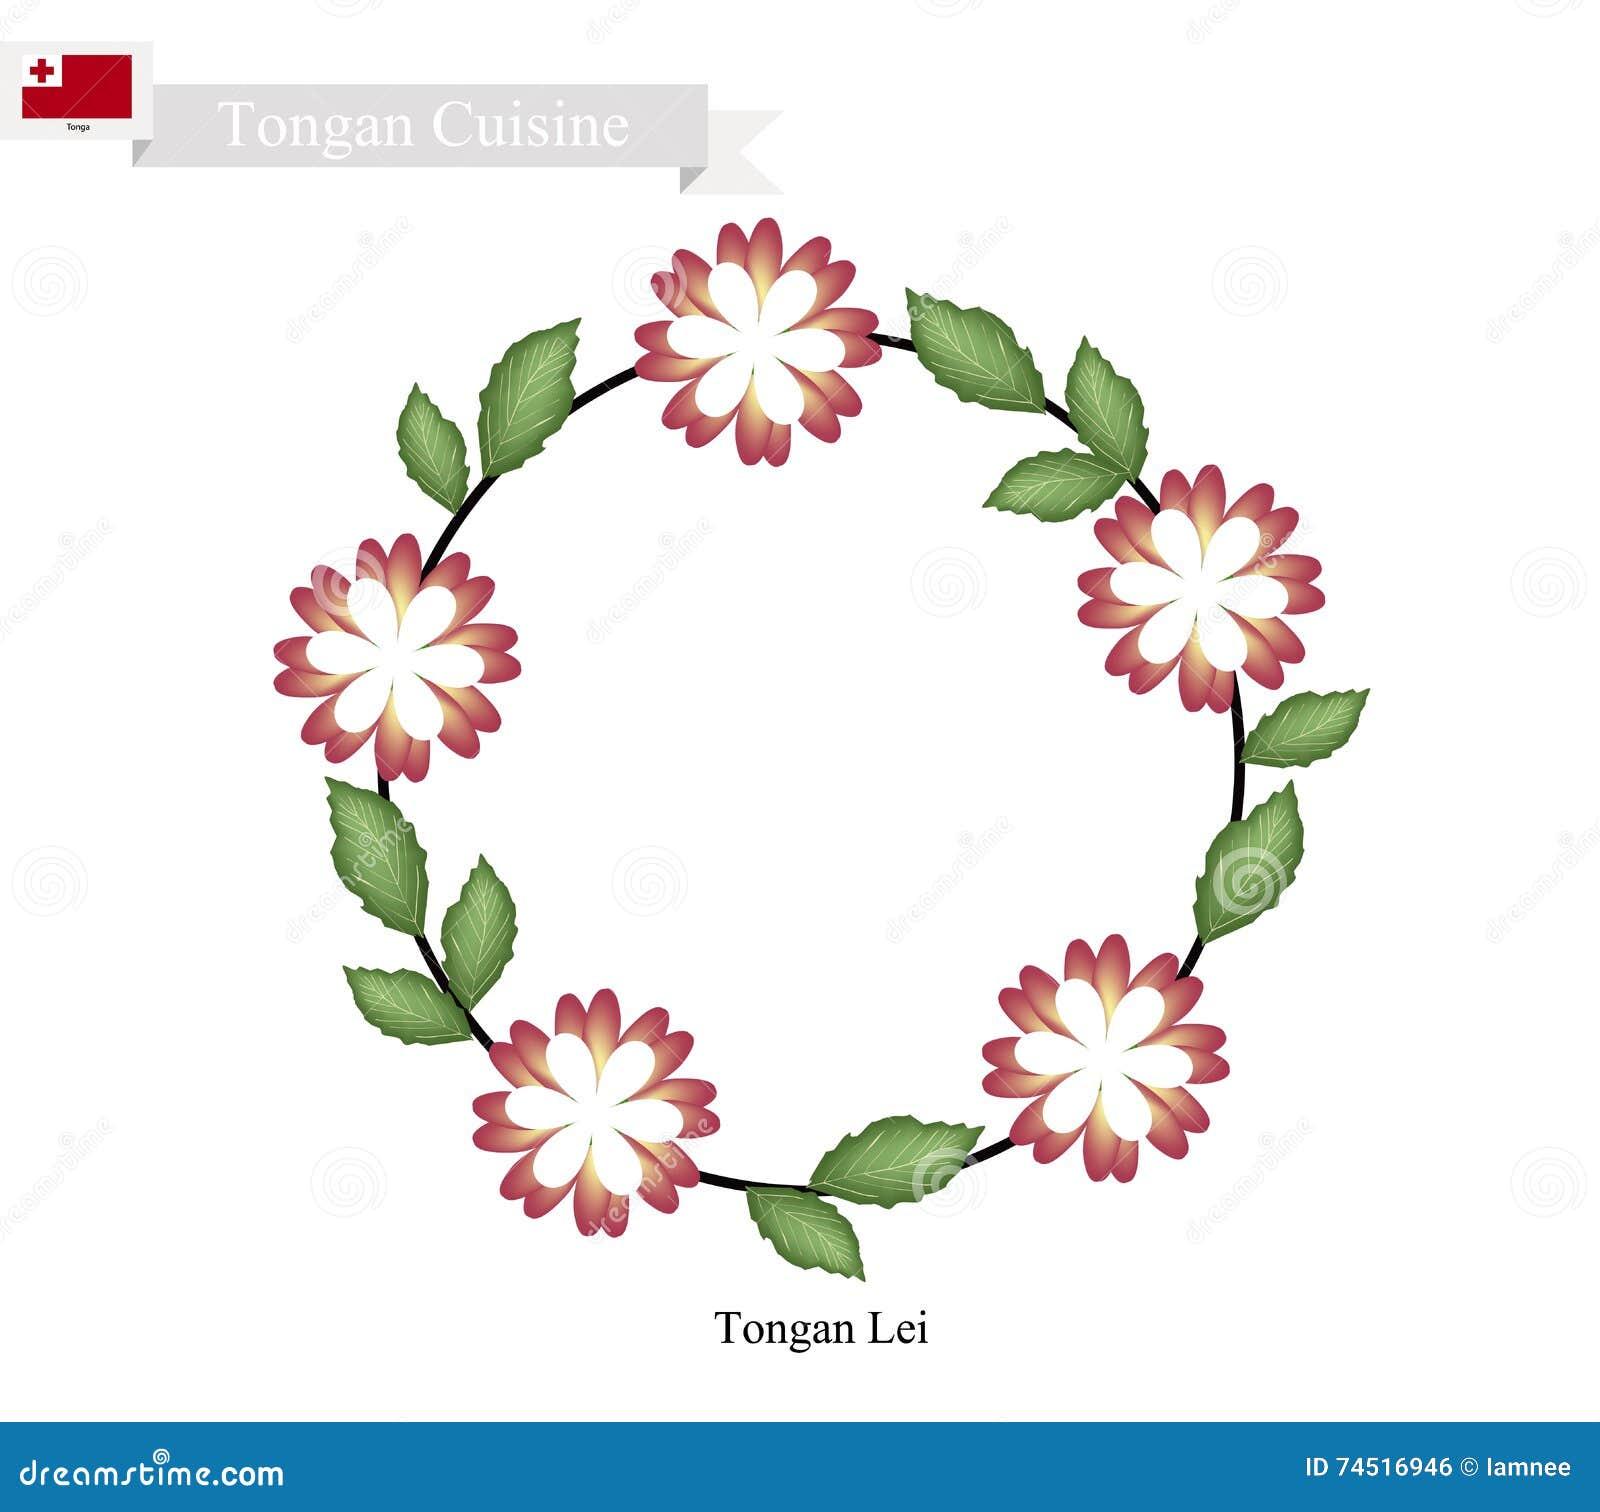 Tonga Lei Or Tongan Heilala Flowers Garland Stock Vector - Image ...